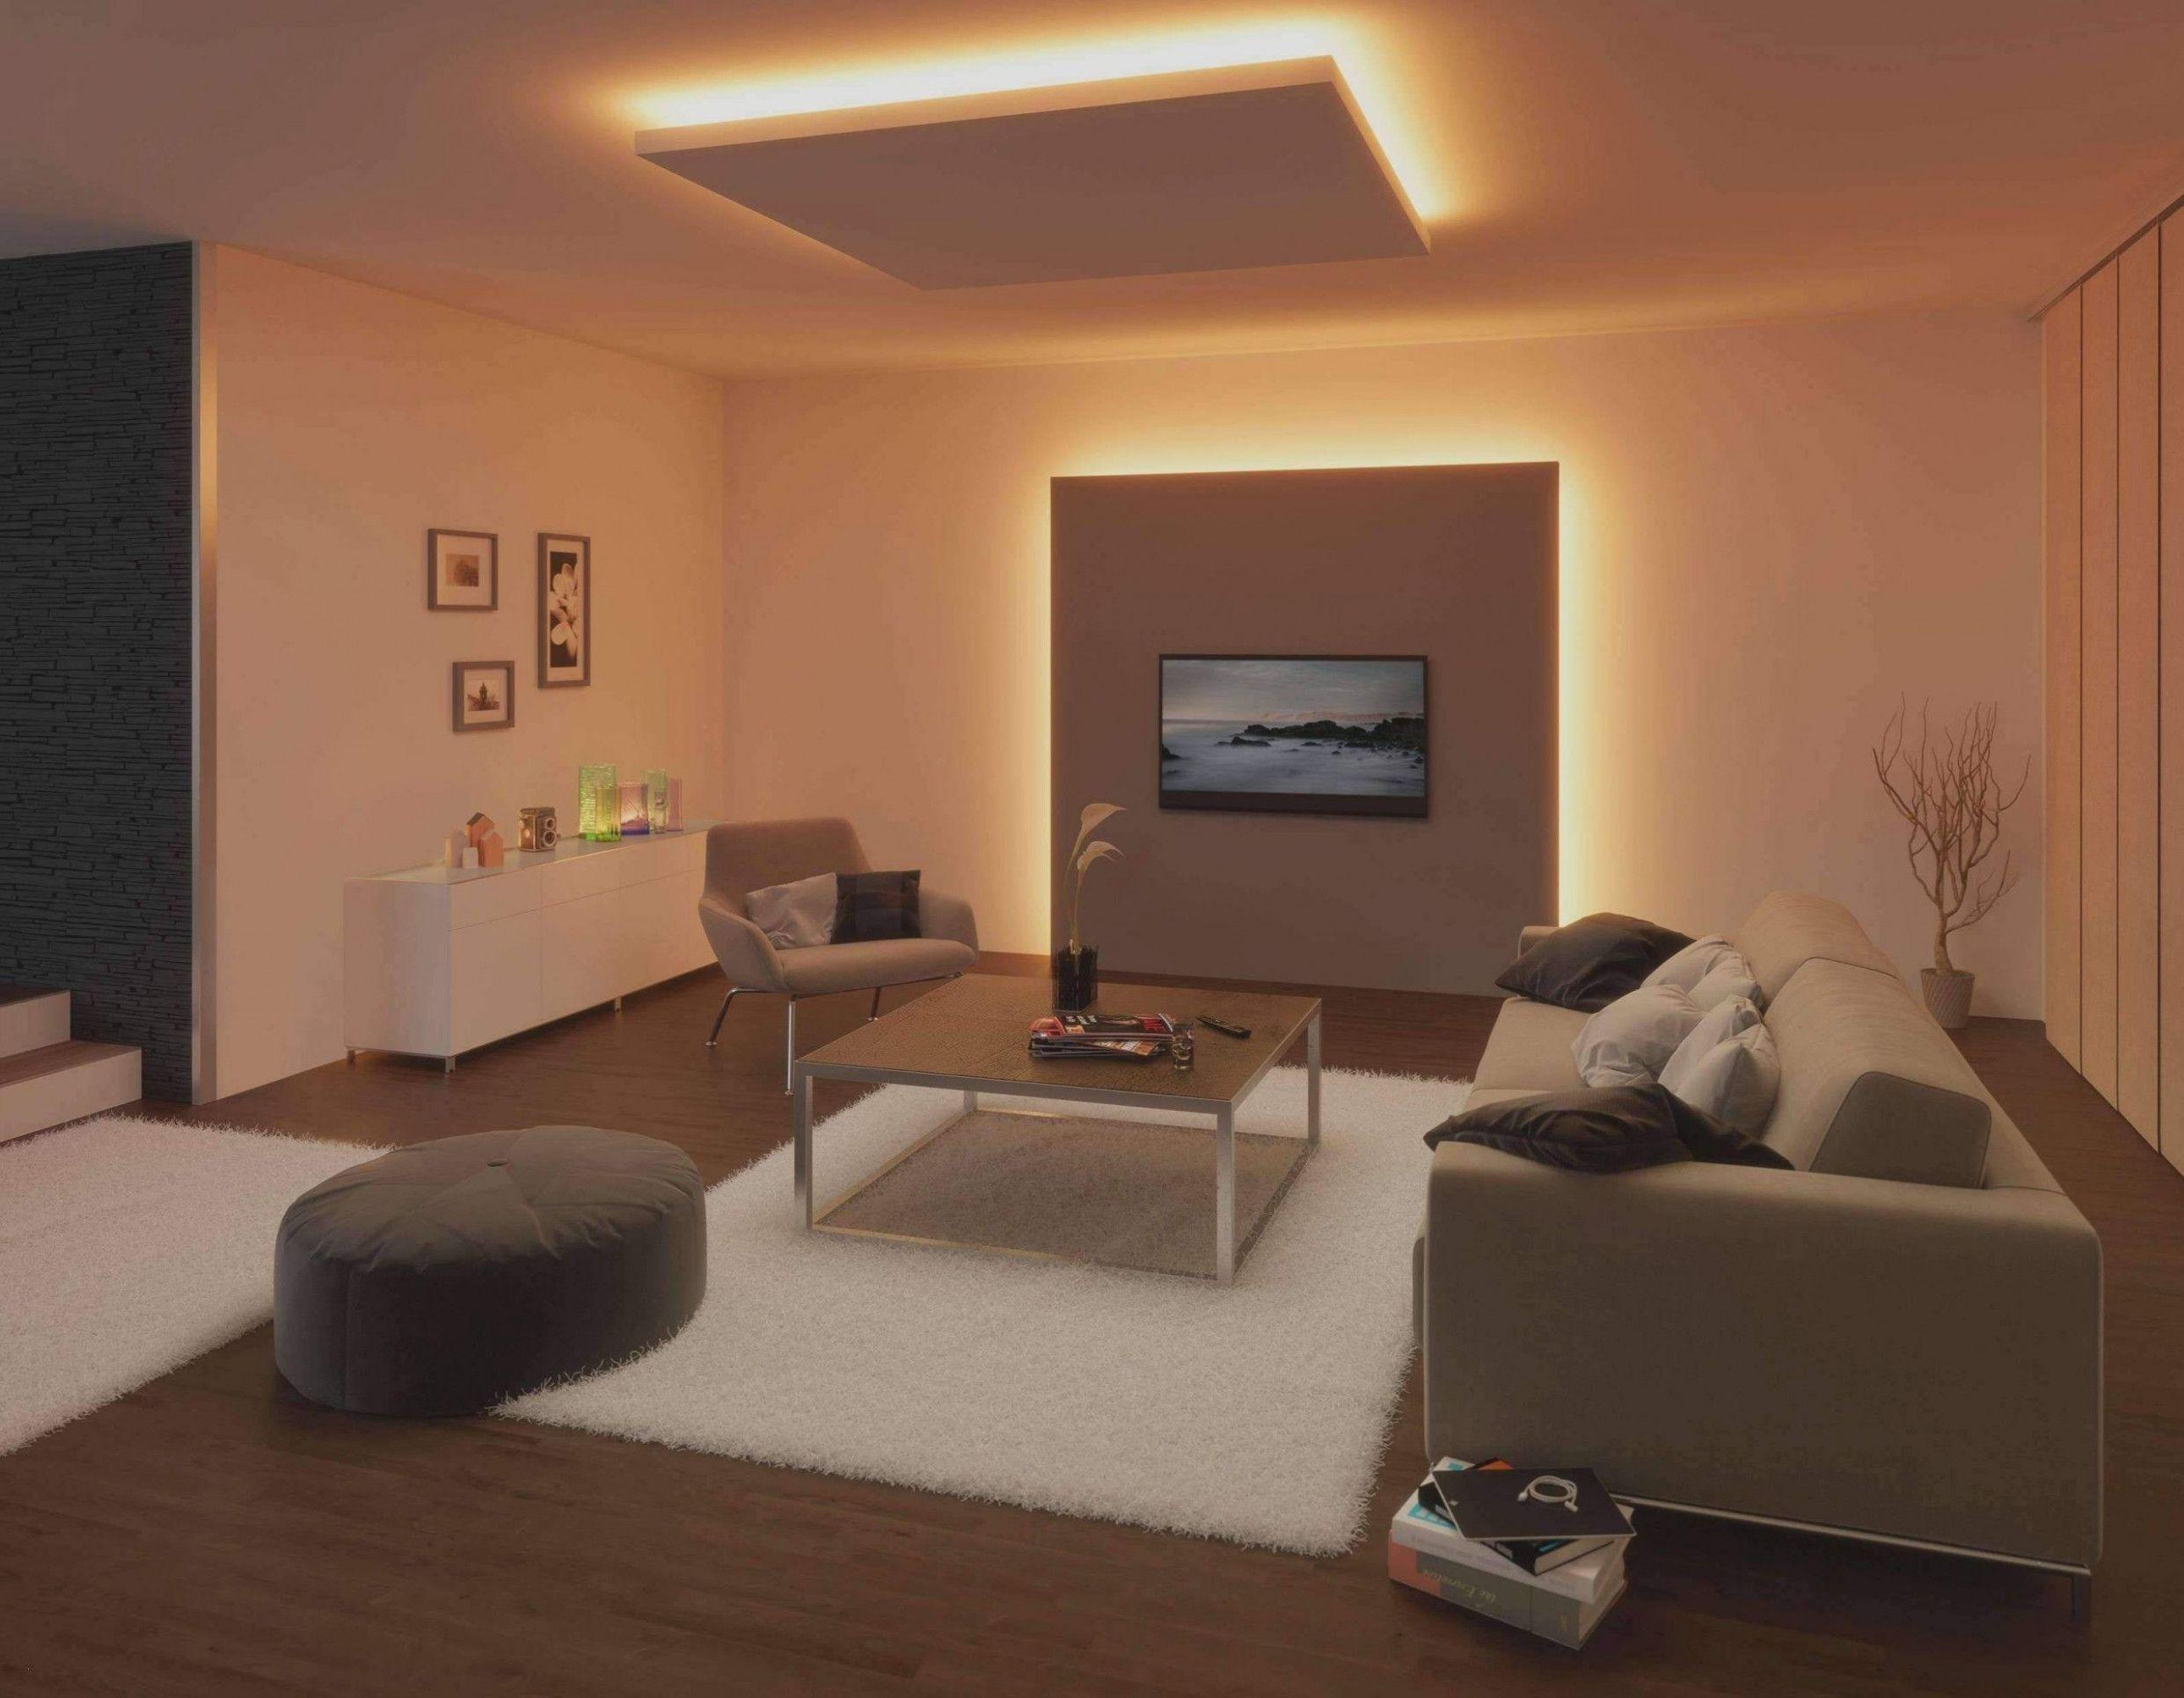 12 Wohnzimmer Dekoration Decke   Ide dekorasi rumah, Dekorasi ...